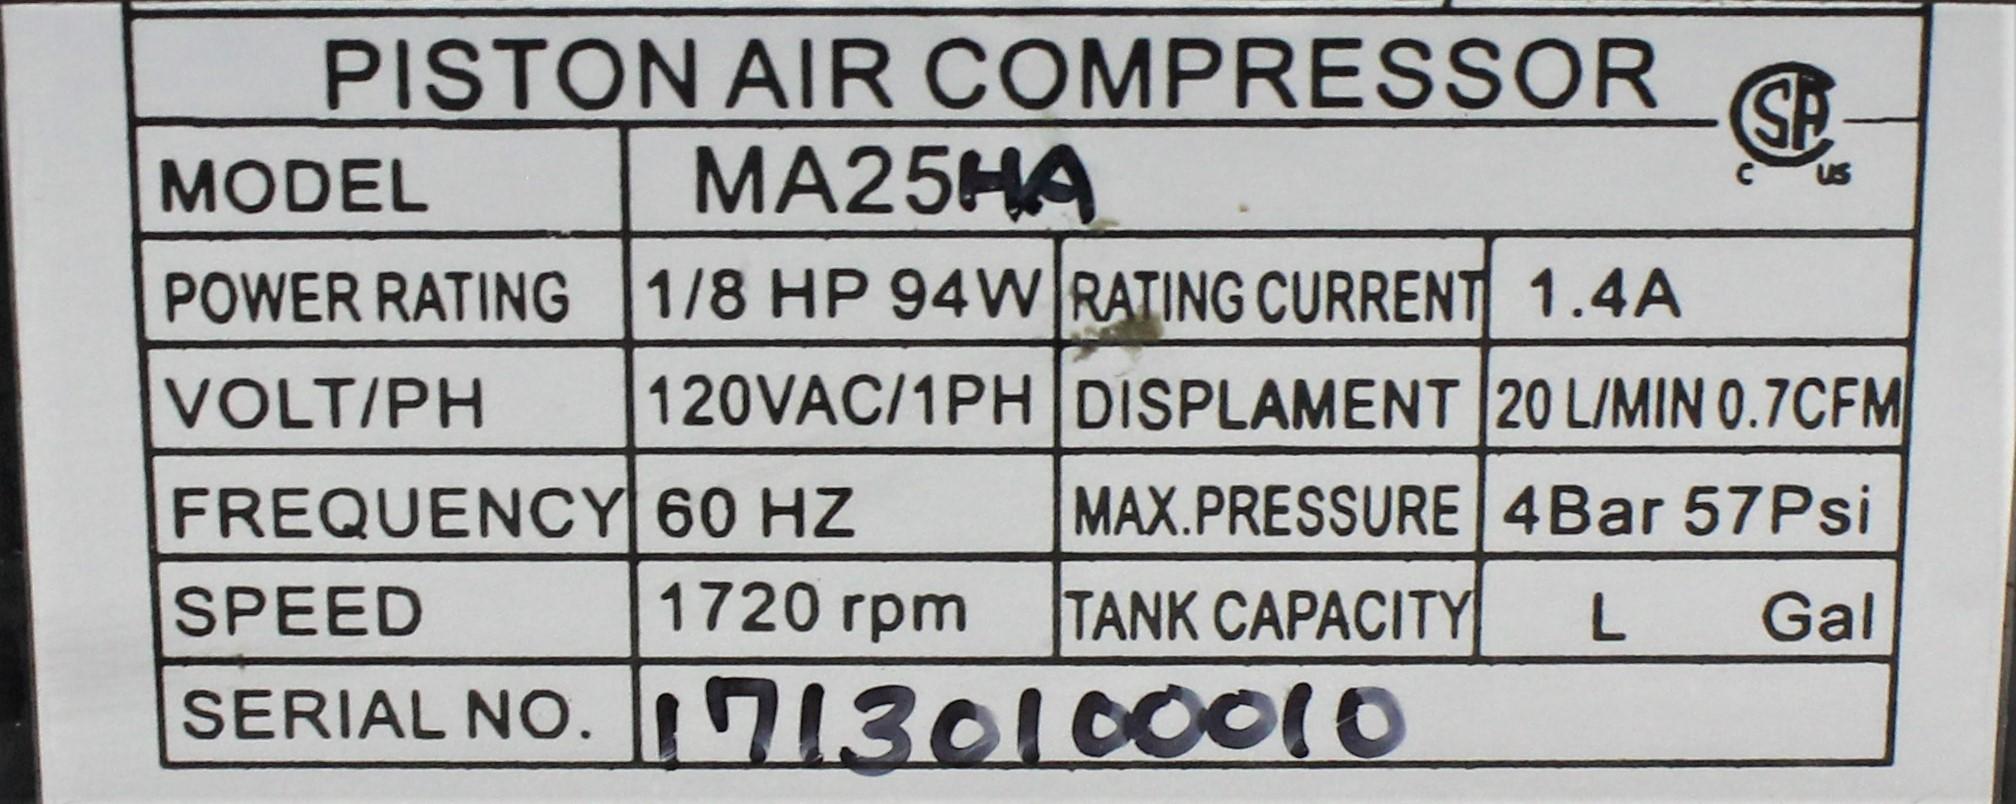 Image Piston Air Compressor 1586999